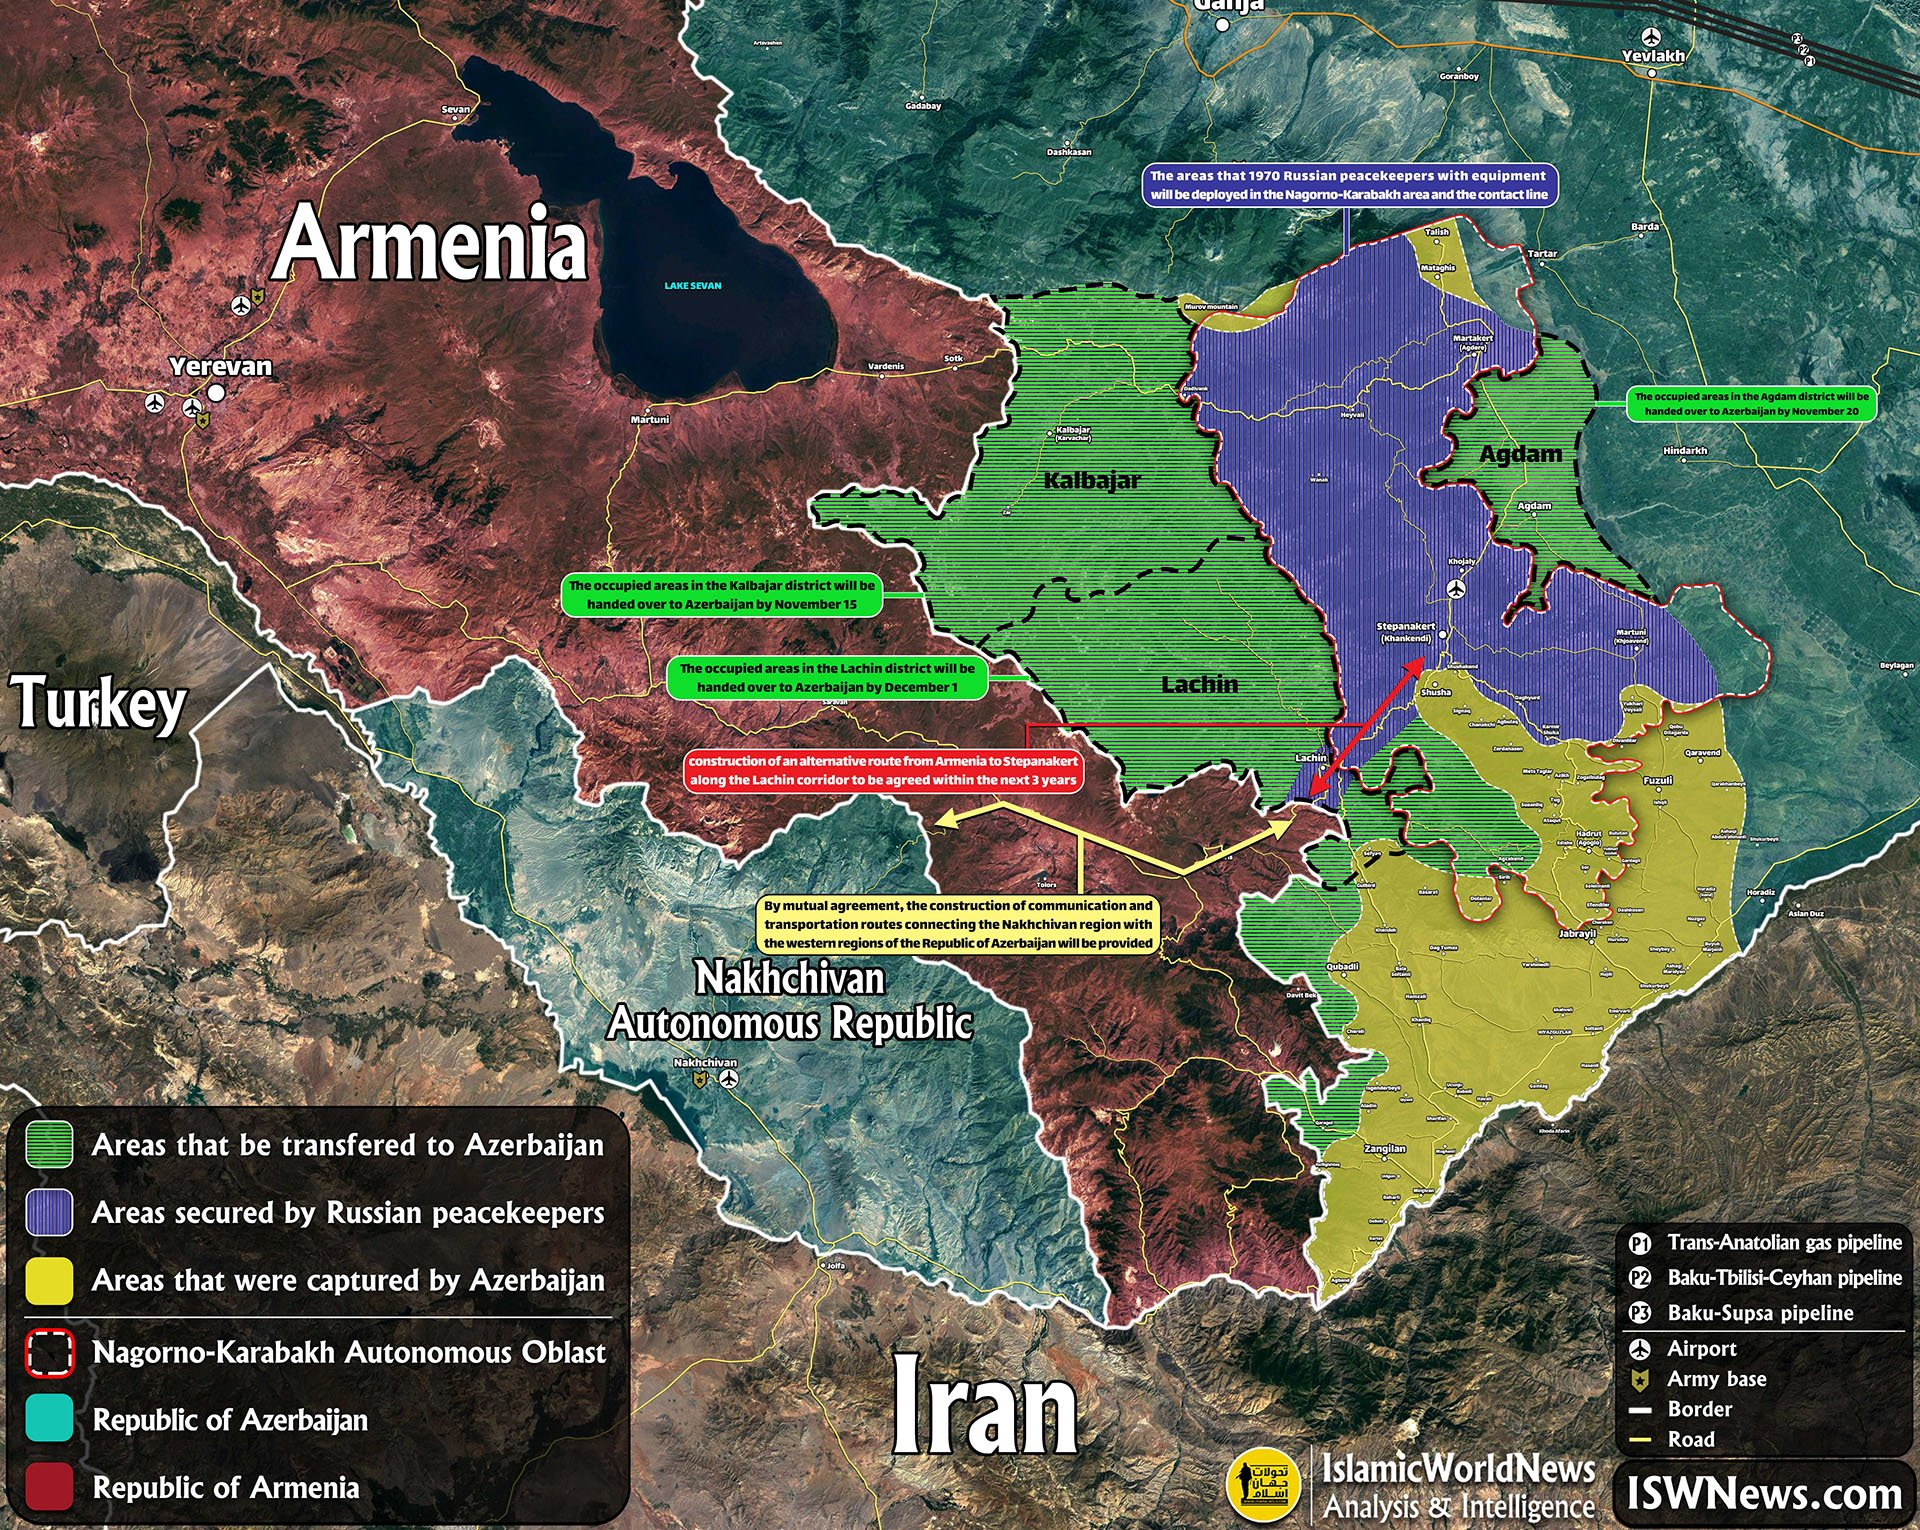 Η Ρωσία ετοιμάζεται για νέα τουρκική επιθετικότητα: Αμπχαζία – Κριμαία οι πιθανοί στόχοι του Ερντογάν